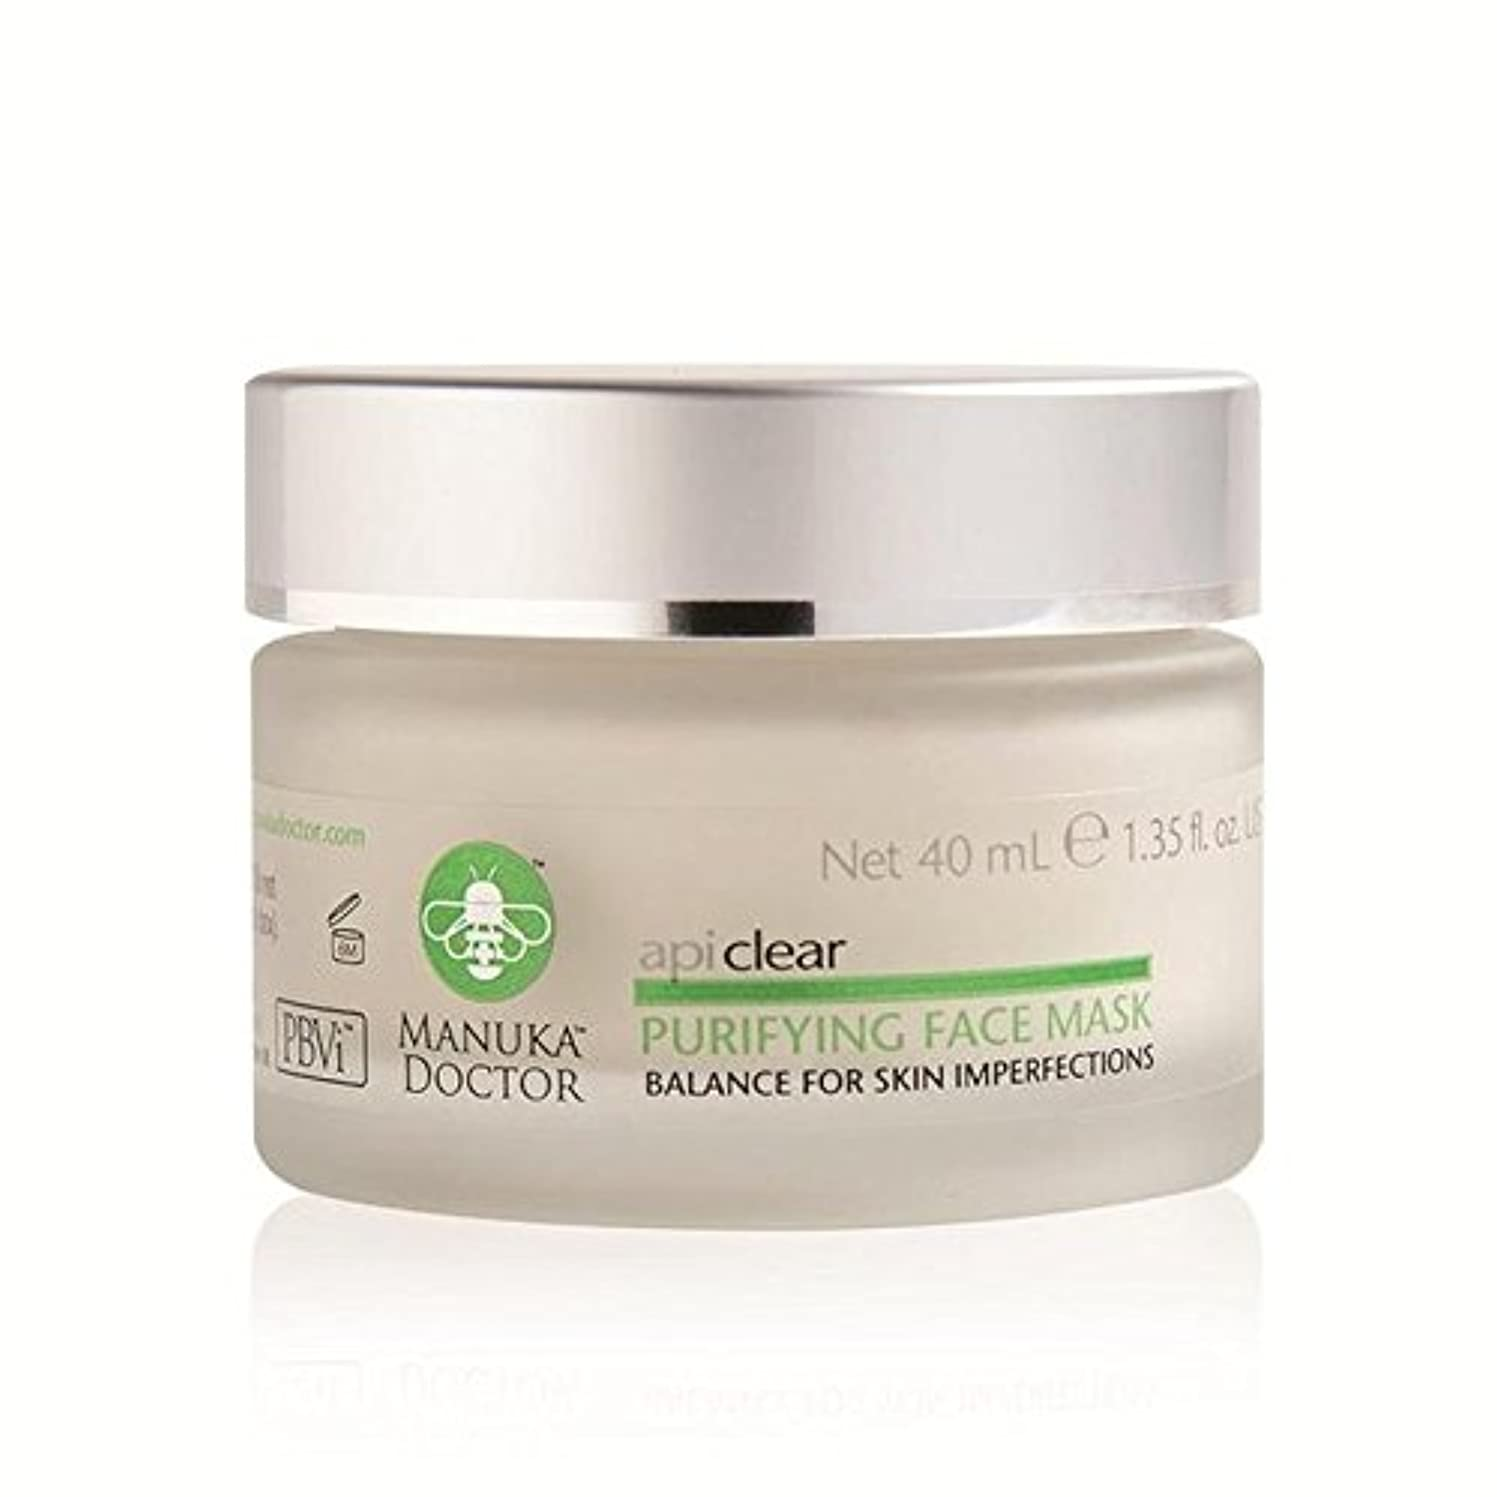 であるジョセフバンクス春Manuka Doctor Api Clear Purifying Face Mask 40ml (Pack of 6) - マヌカドクター明確な浄化フェイスマスク40ミリリットル x6 [並行輸入品]